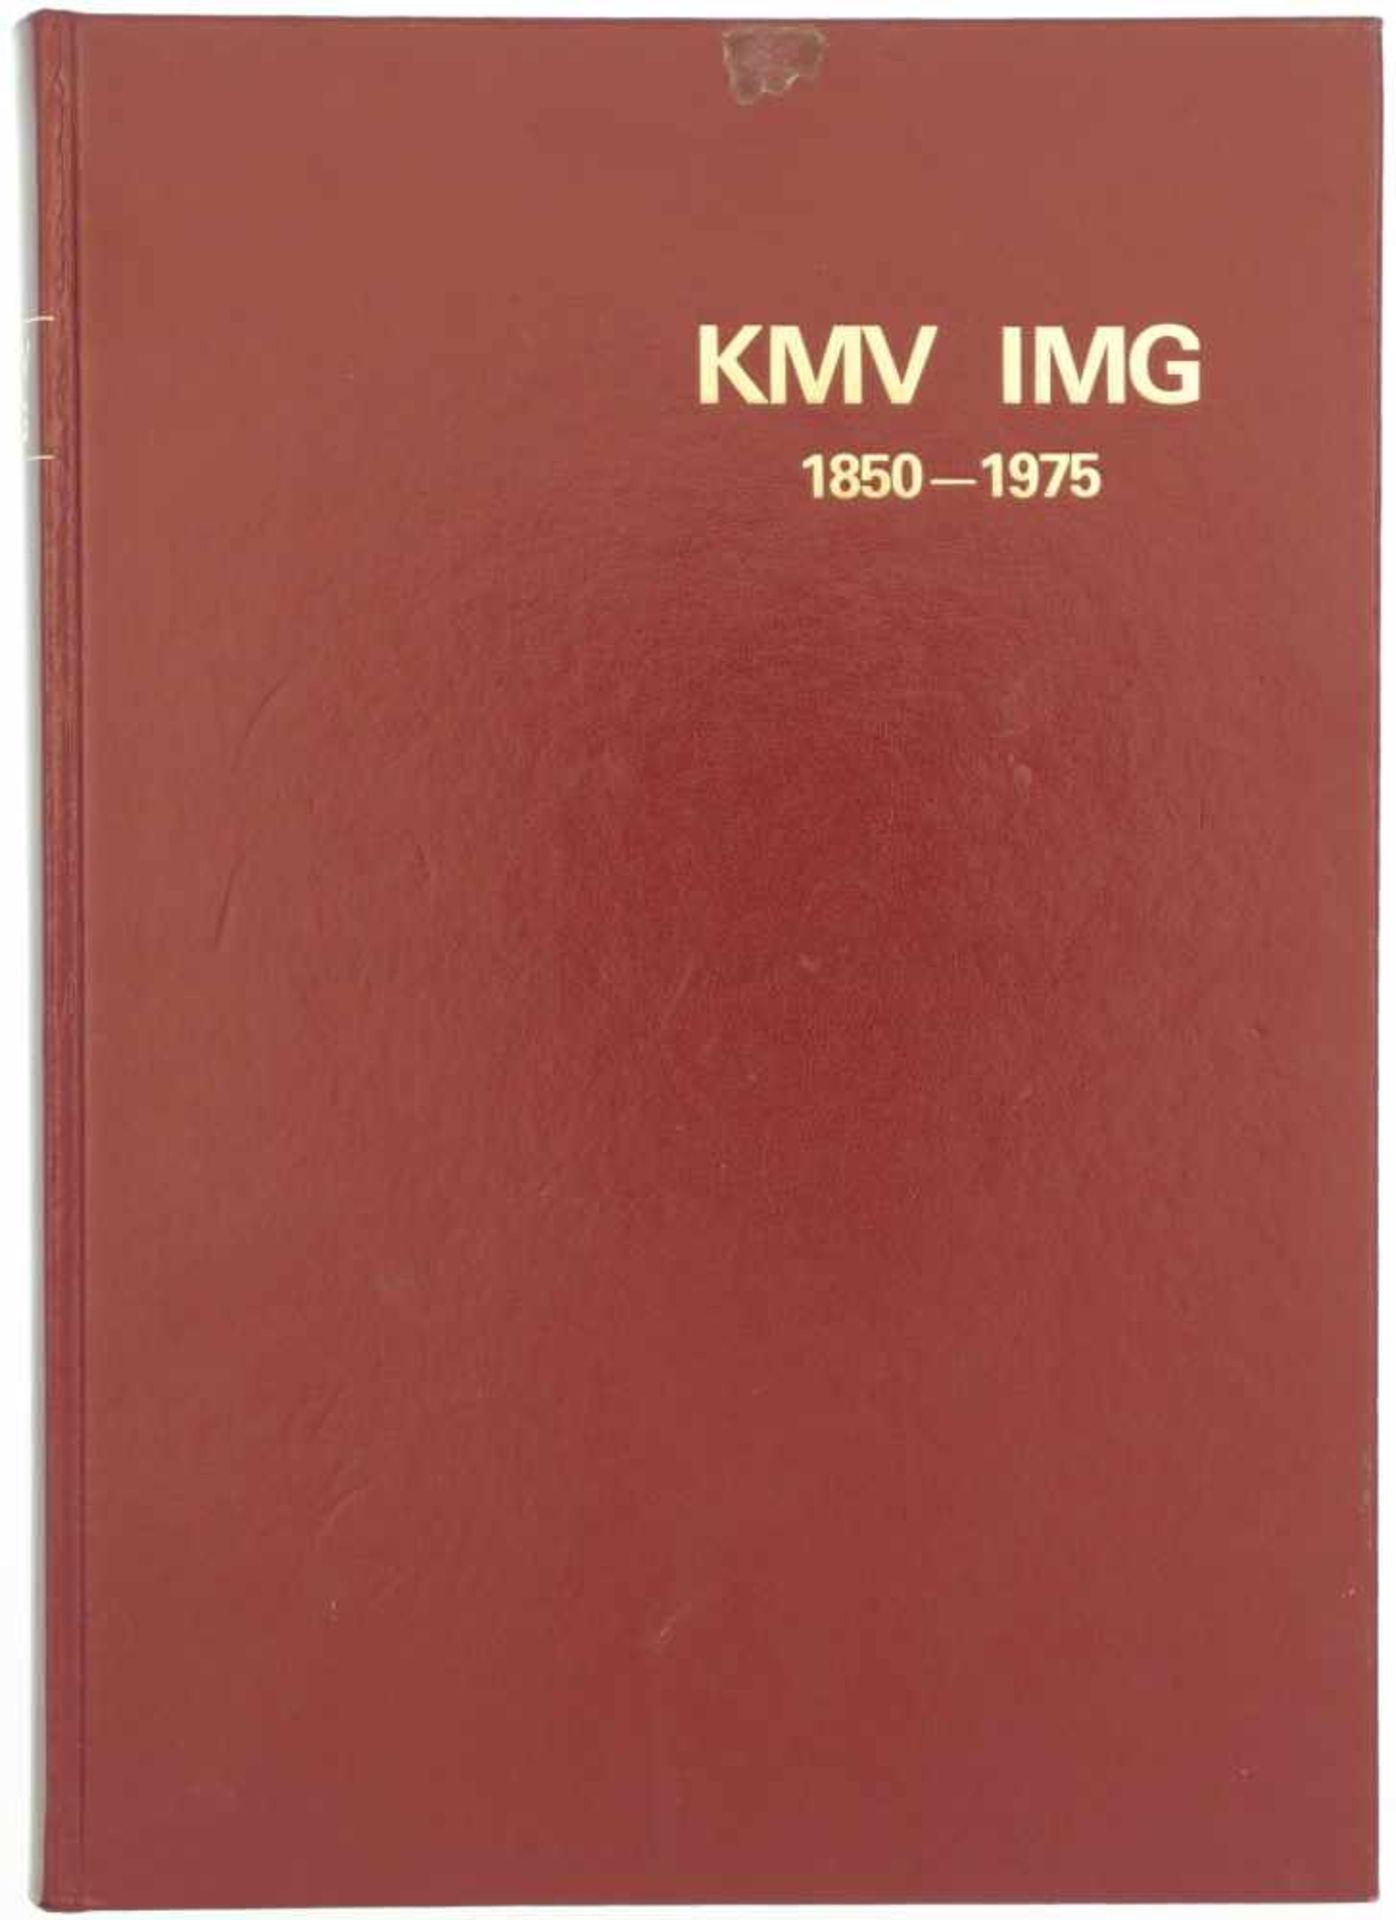 Die Geschichte der Kriegsmaterialverwaltung, 1850-1975